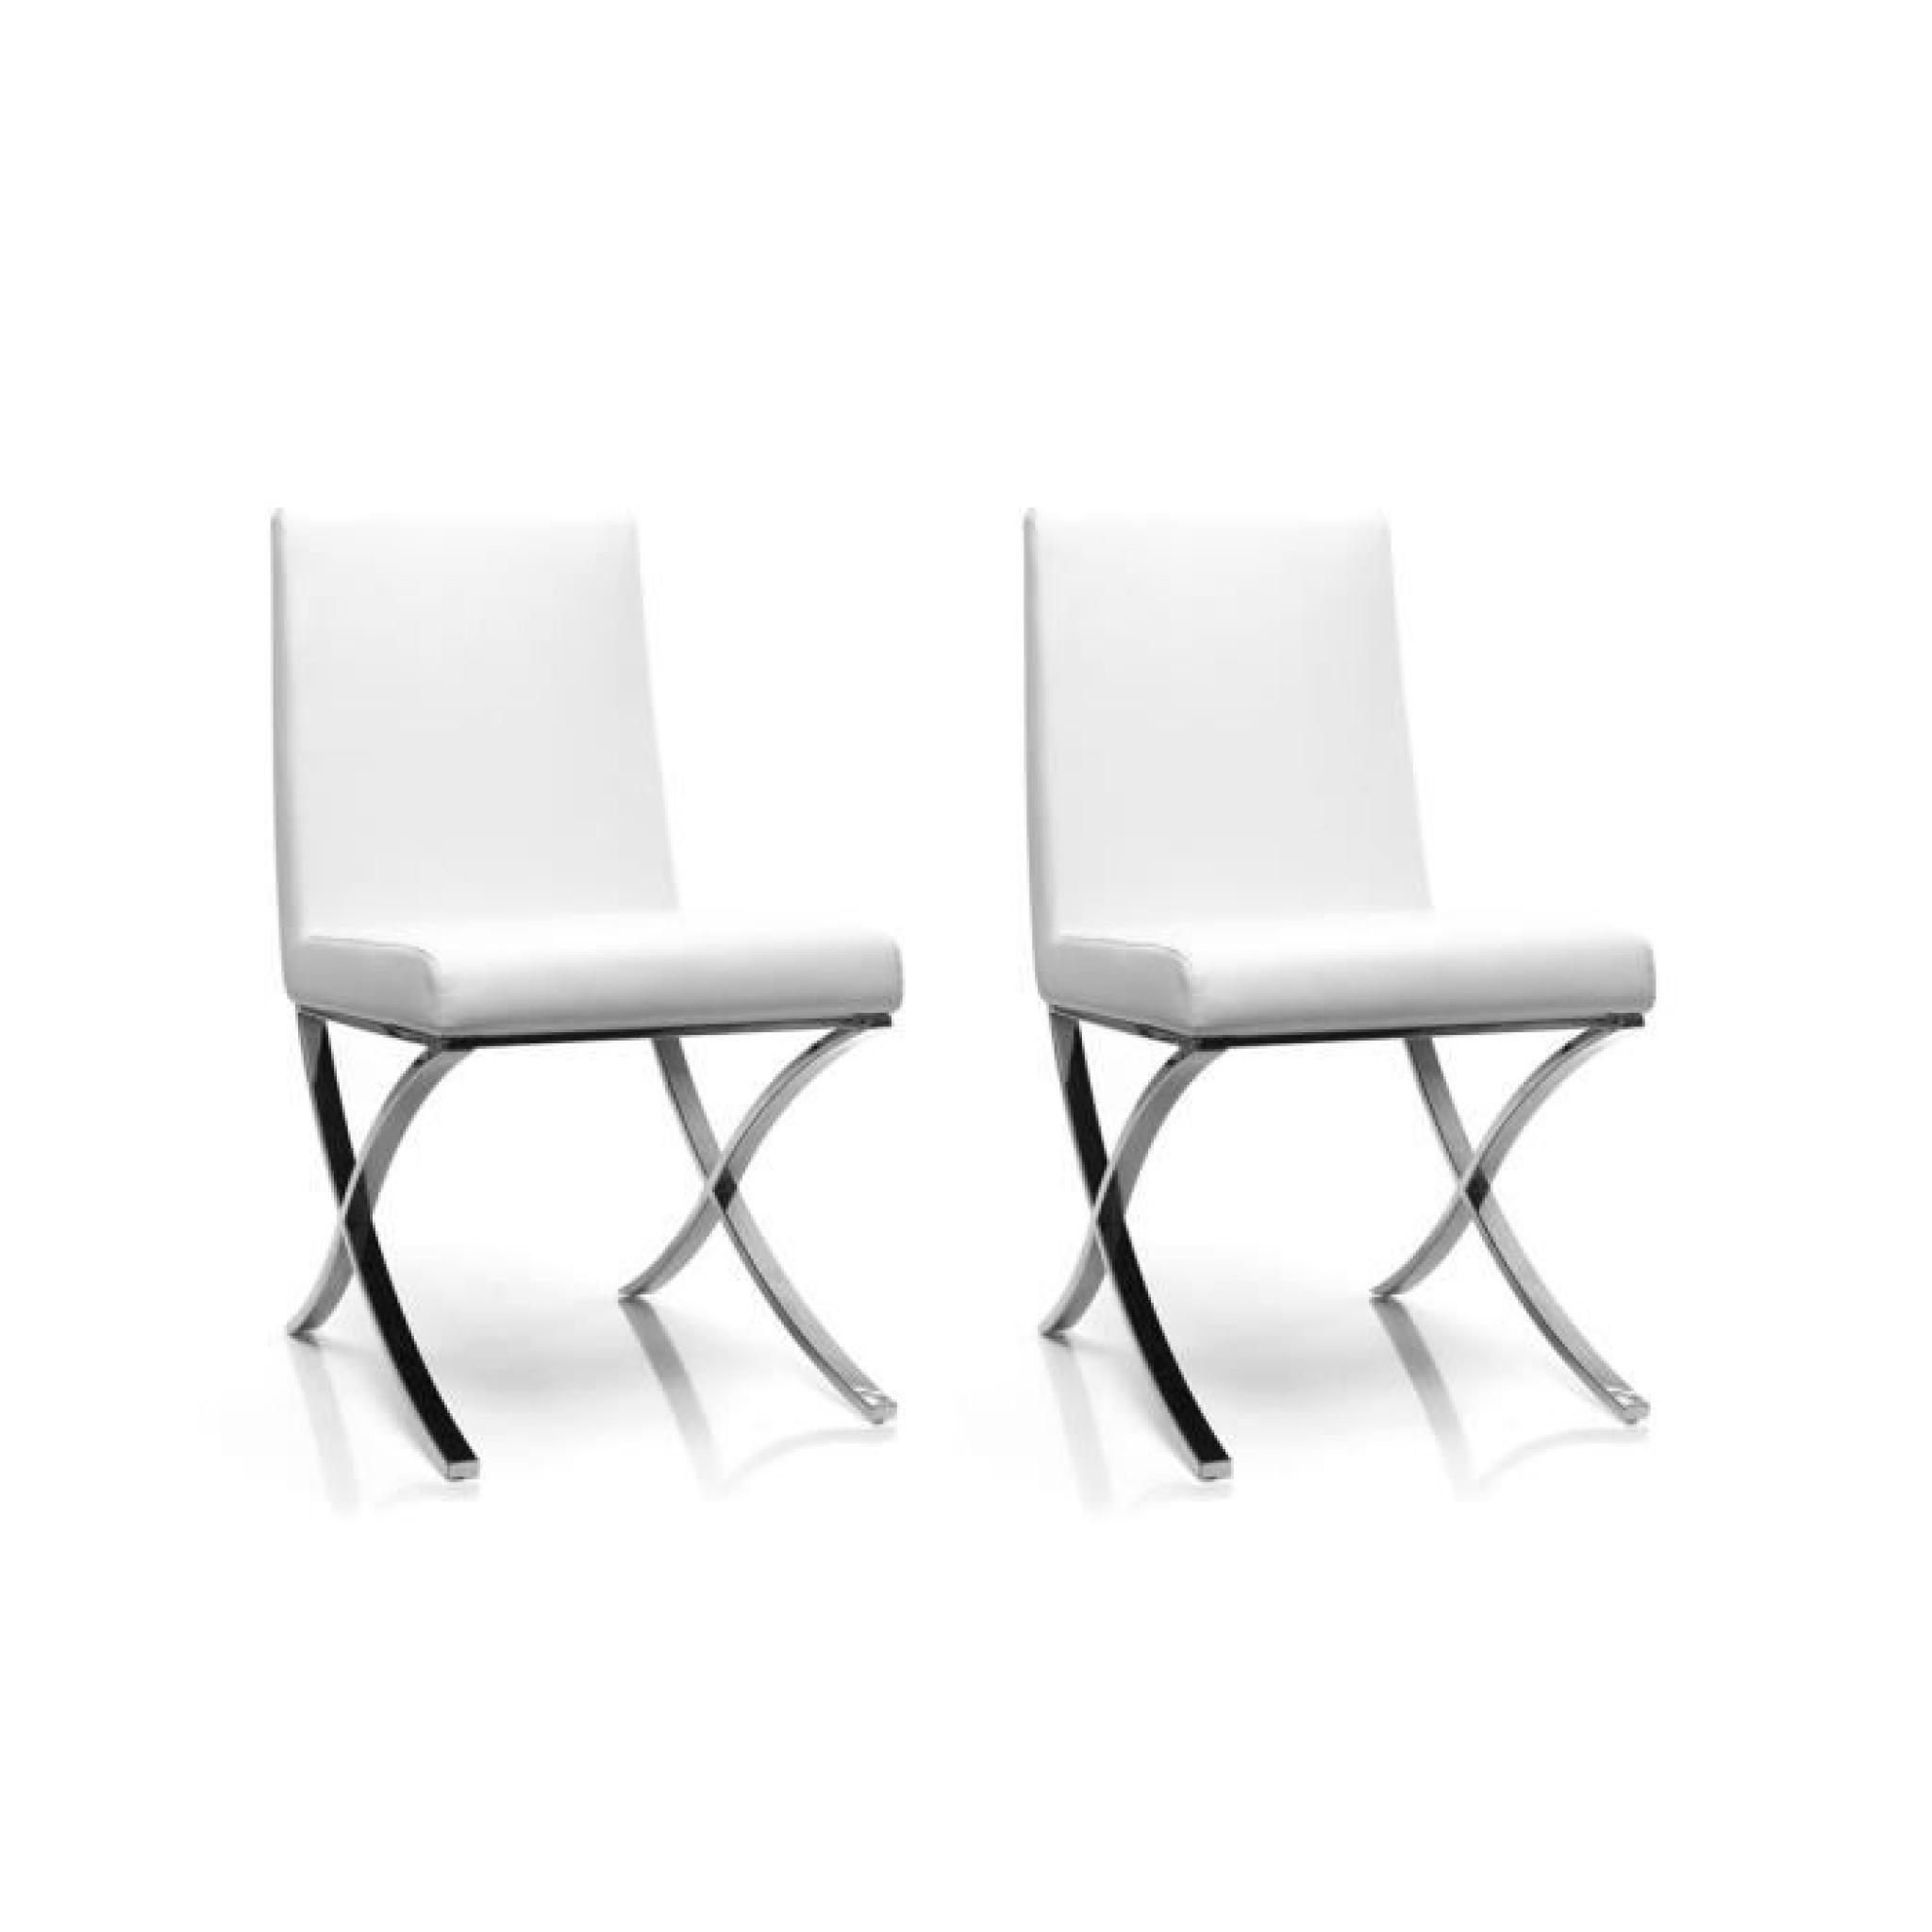 miliboo lot de 2 chaises design polyur thane achat vente chaise salle a manger pas cher. Black Bedroom Furniture Sets. Home Design Ideas